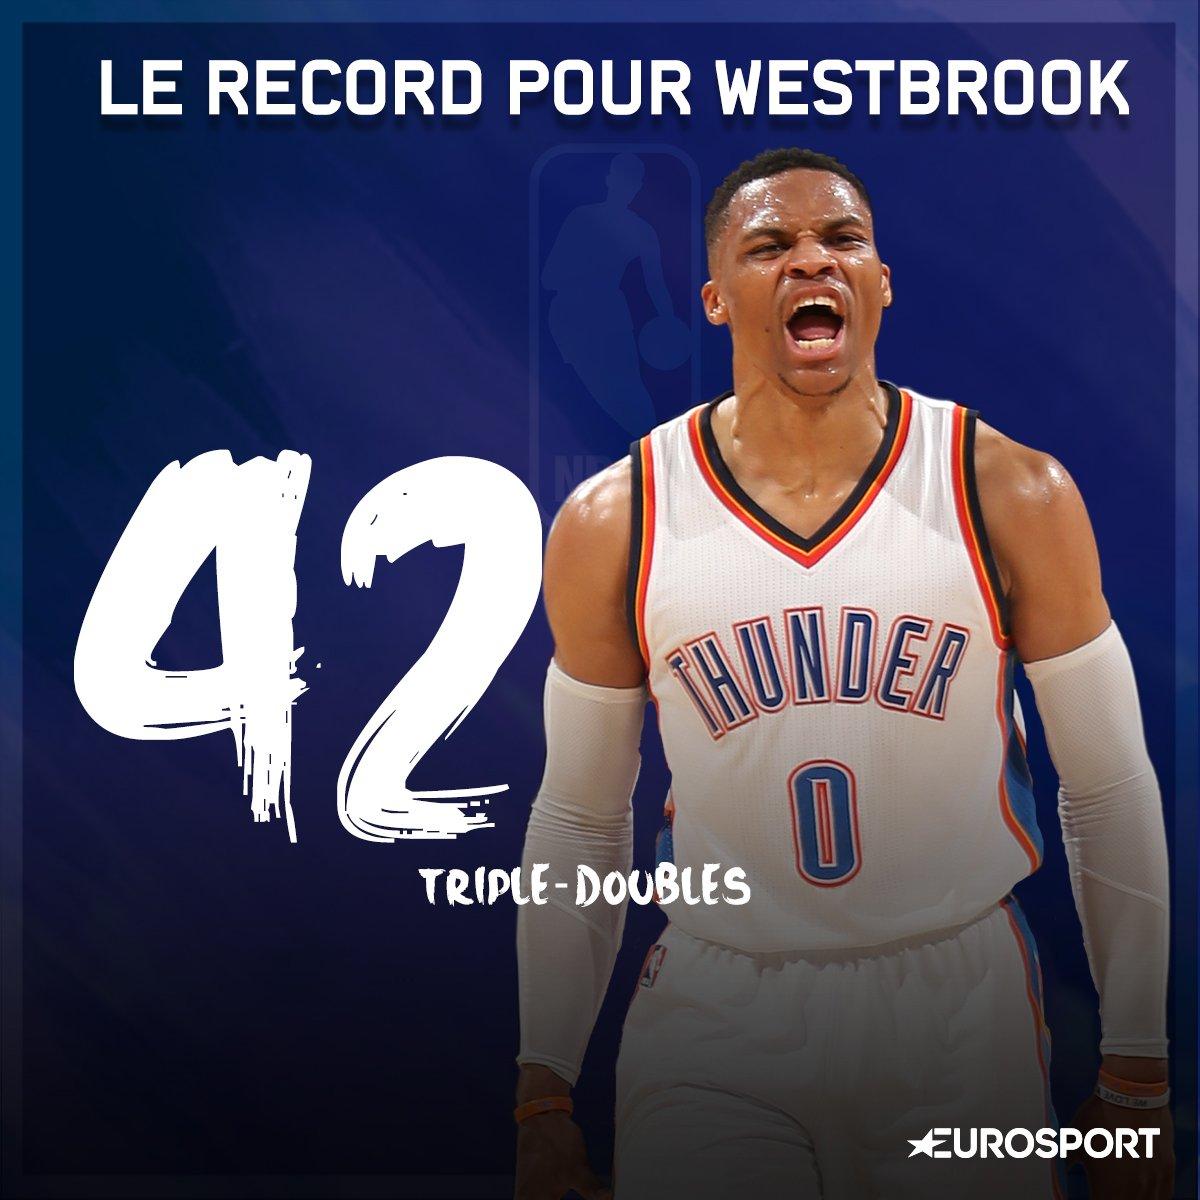 C'est fait ! Russell Westbrook efface Oscar Robertson des tablettes avec un 42e triple-double, nouveau record #NBA sur une saison ! https://t.co/xpPUmovCk0